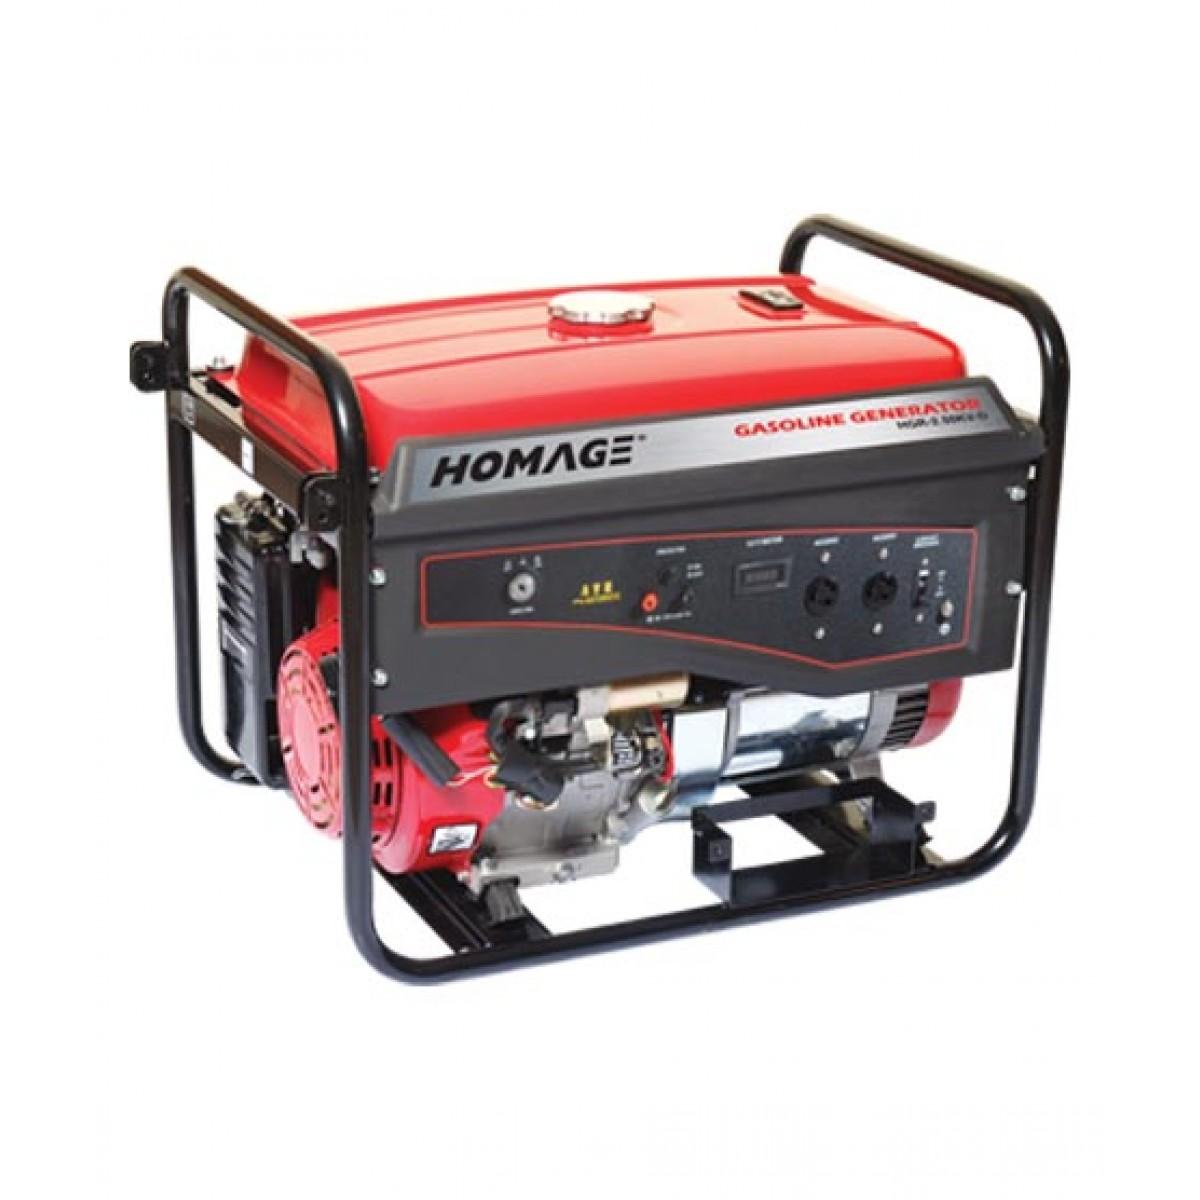 Homage Generator With Wheel+Gas Kit+Oil (HGR-2.50 KV-D)